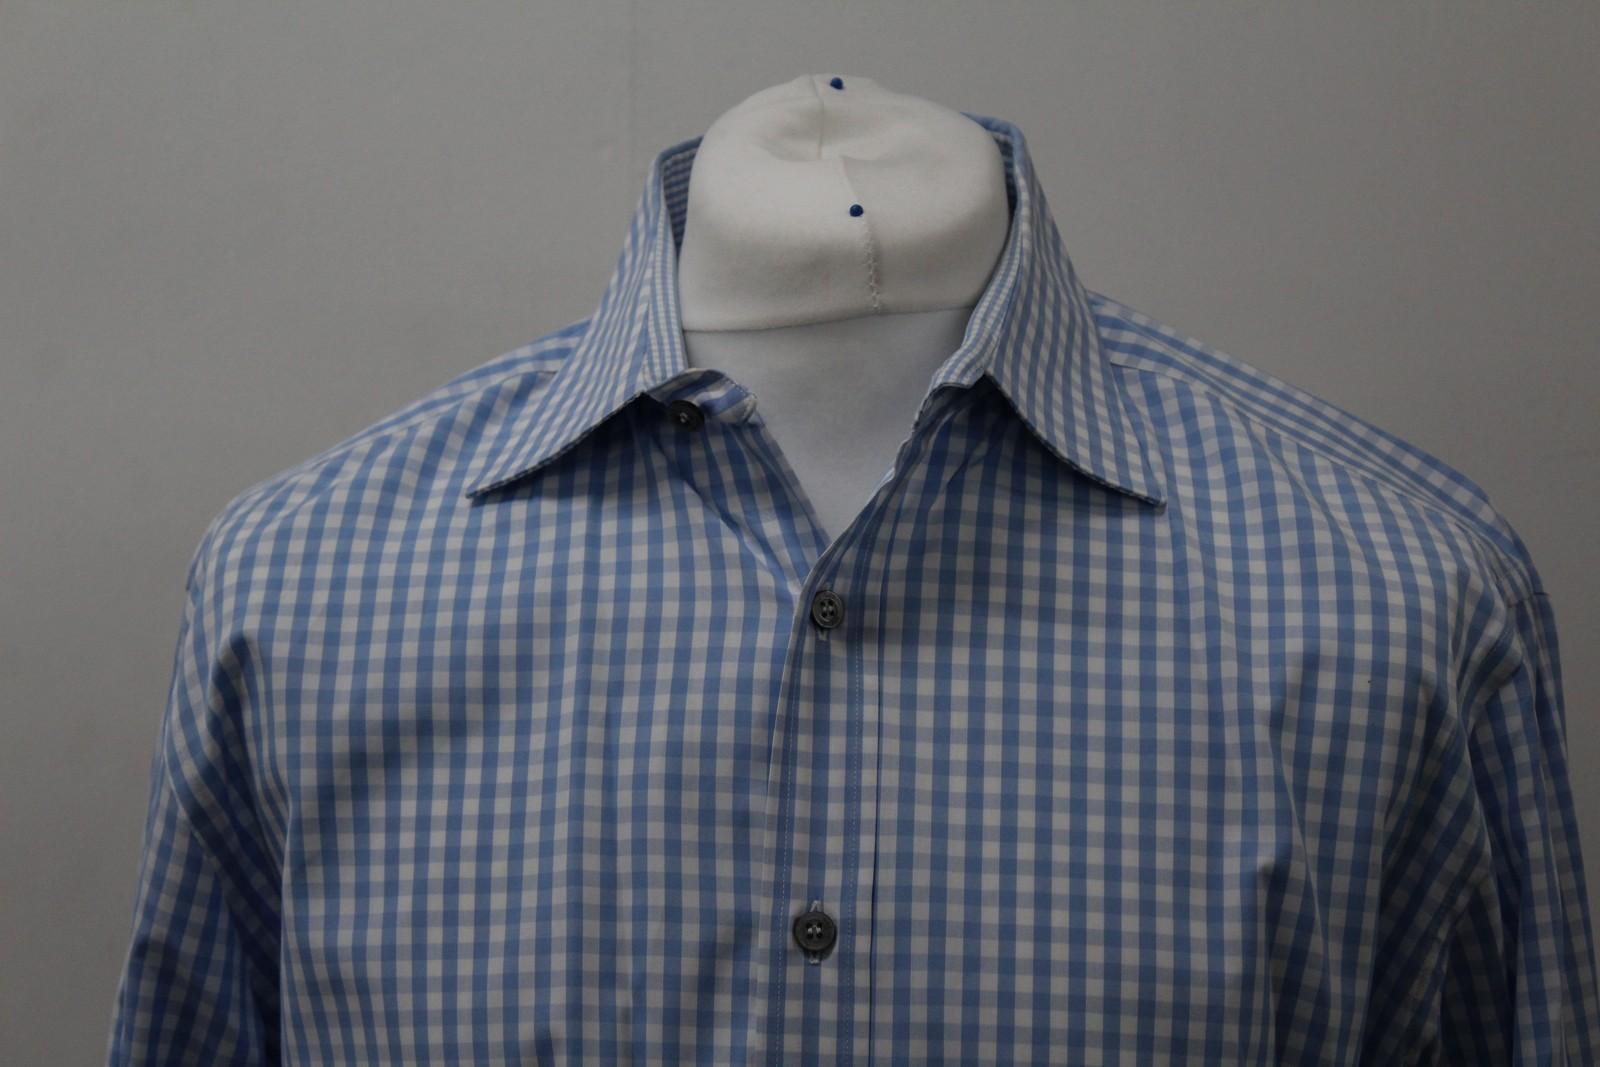 Paul-Smith-Para-Hombre-Camisa-Azul-Blanco-Algodon-comprobado-Formal-Cuello-16-5-034-42cm miniatura 3